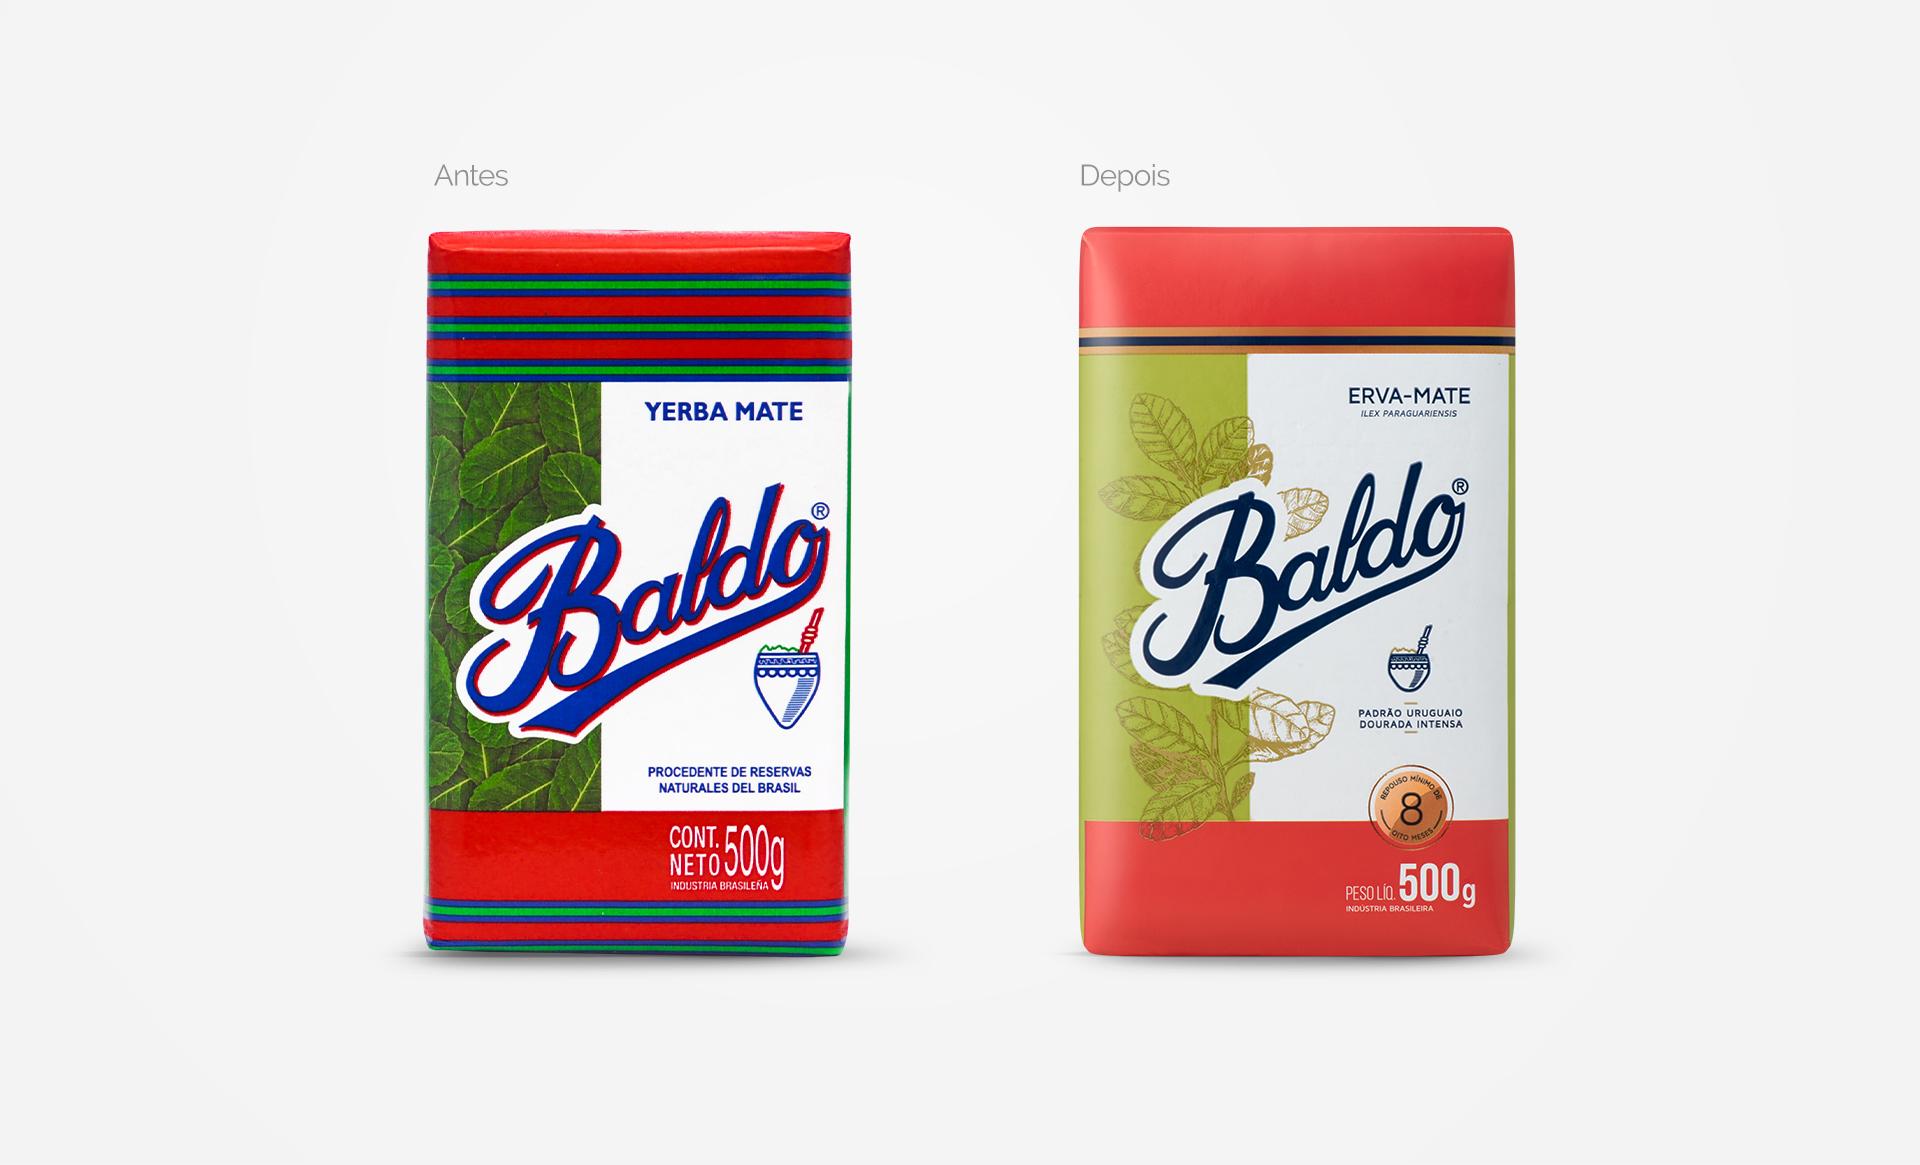 Baldo-embalagem-erva-mate-propaganda-design-redesign-pack-package-agencia-publicidade-marketing-baldo-ervateira-melhor-brasil-uruguai